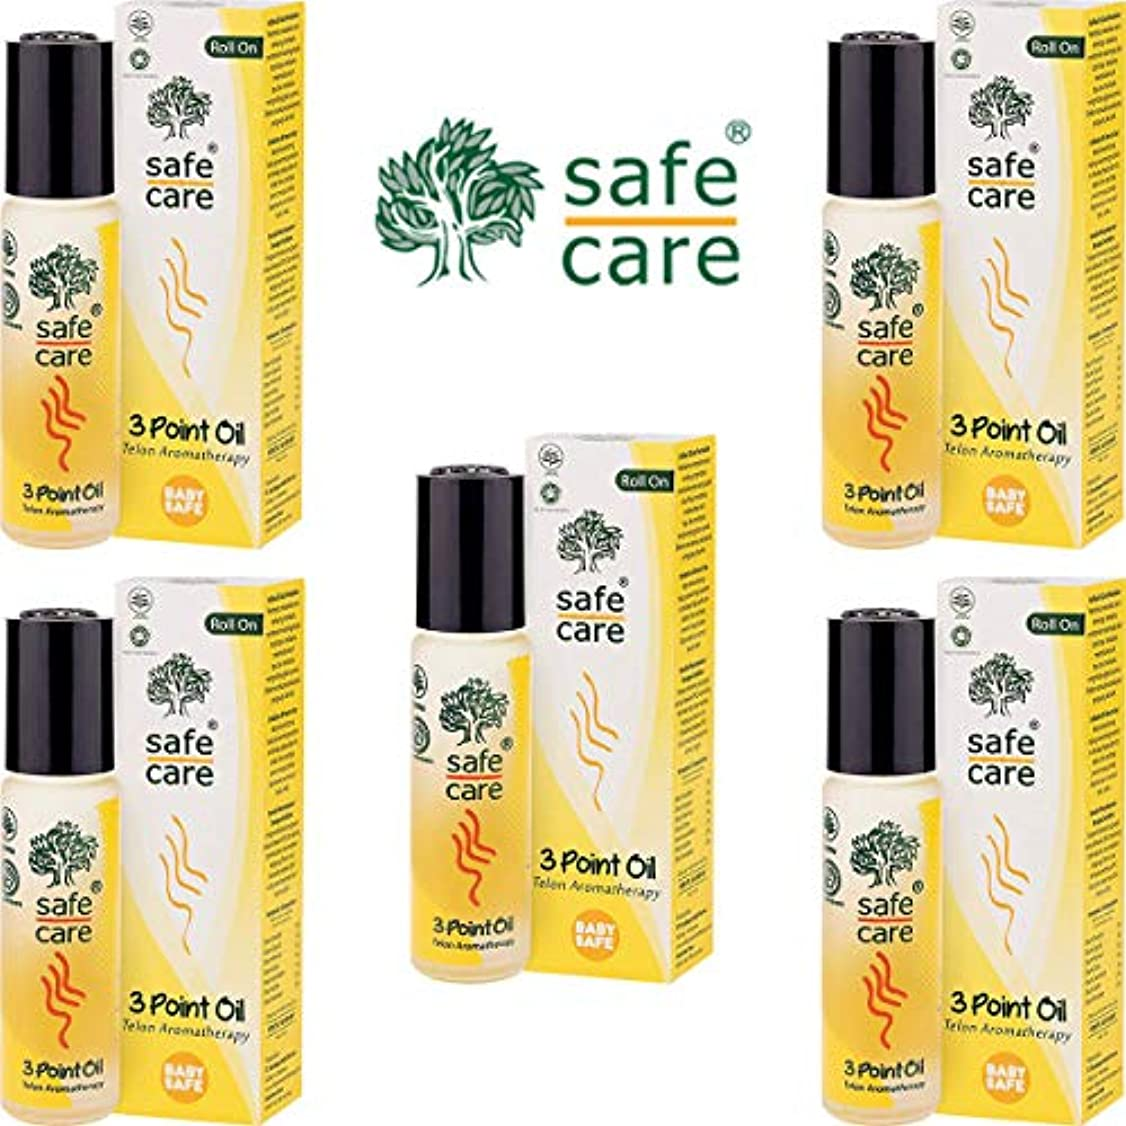 画面上がる文明化するSafe Care セーフケア Aromatherapy Telon 3Point Oil アロマテラピー リフレッシュオイル テロン3ポイントオイル ロールオン 10ml×5本セット [海外直送品]